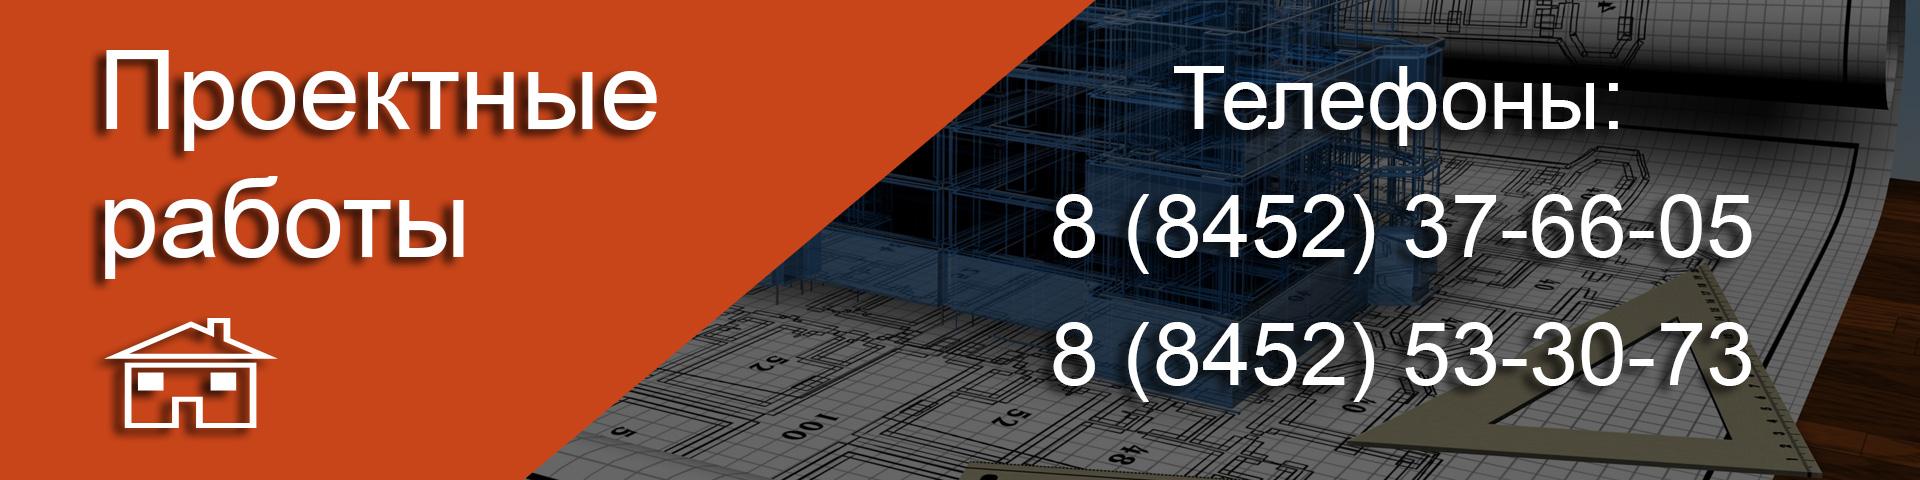 Проектирование систем отопления, водоснабжения, вентиляции, кондиционирования, электроснабжения